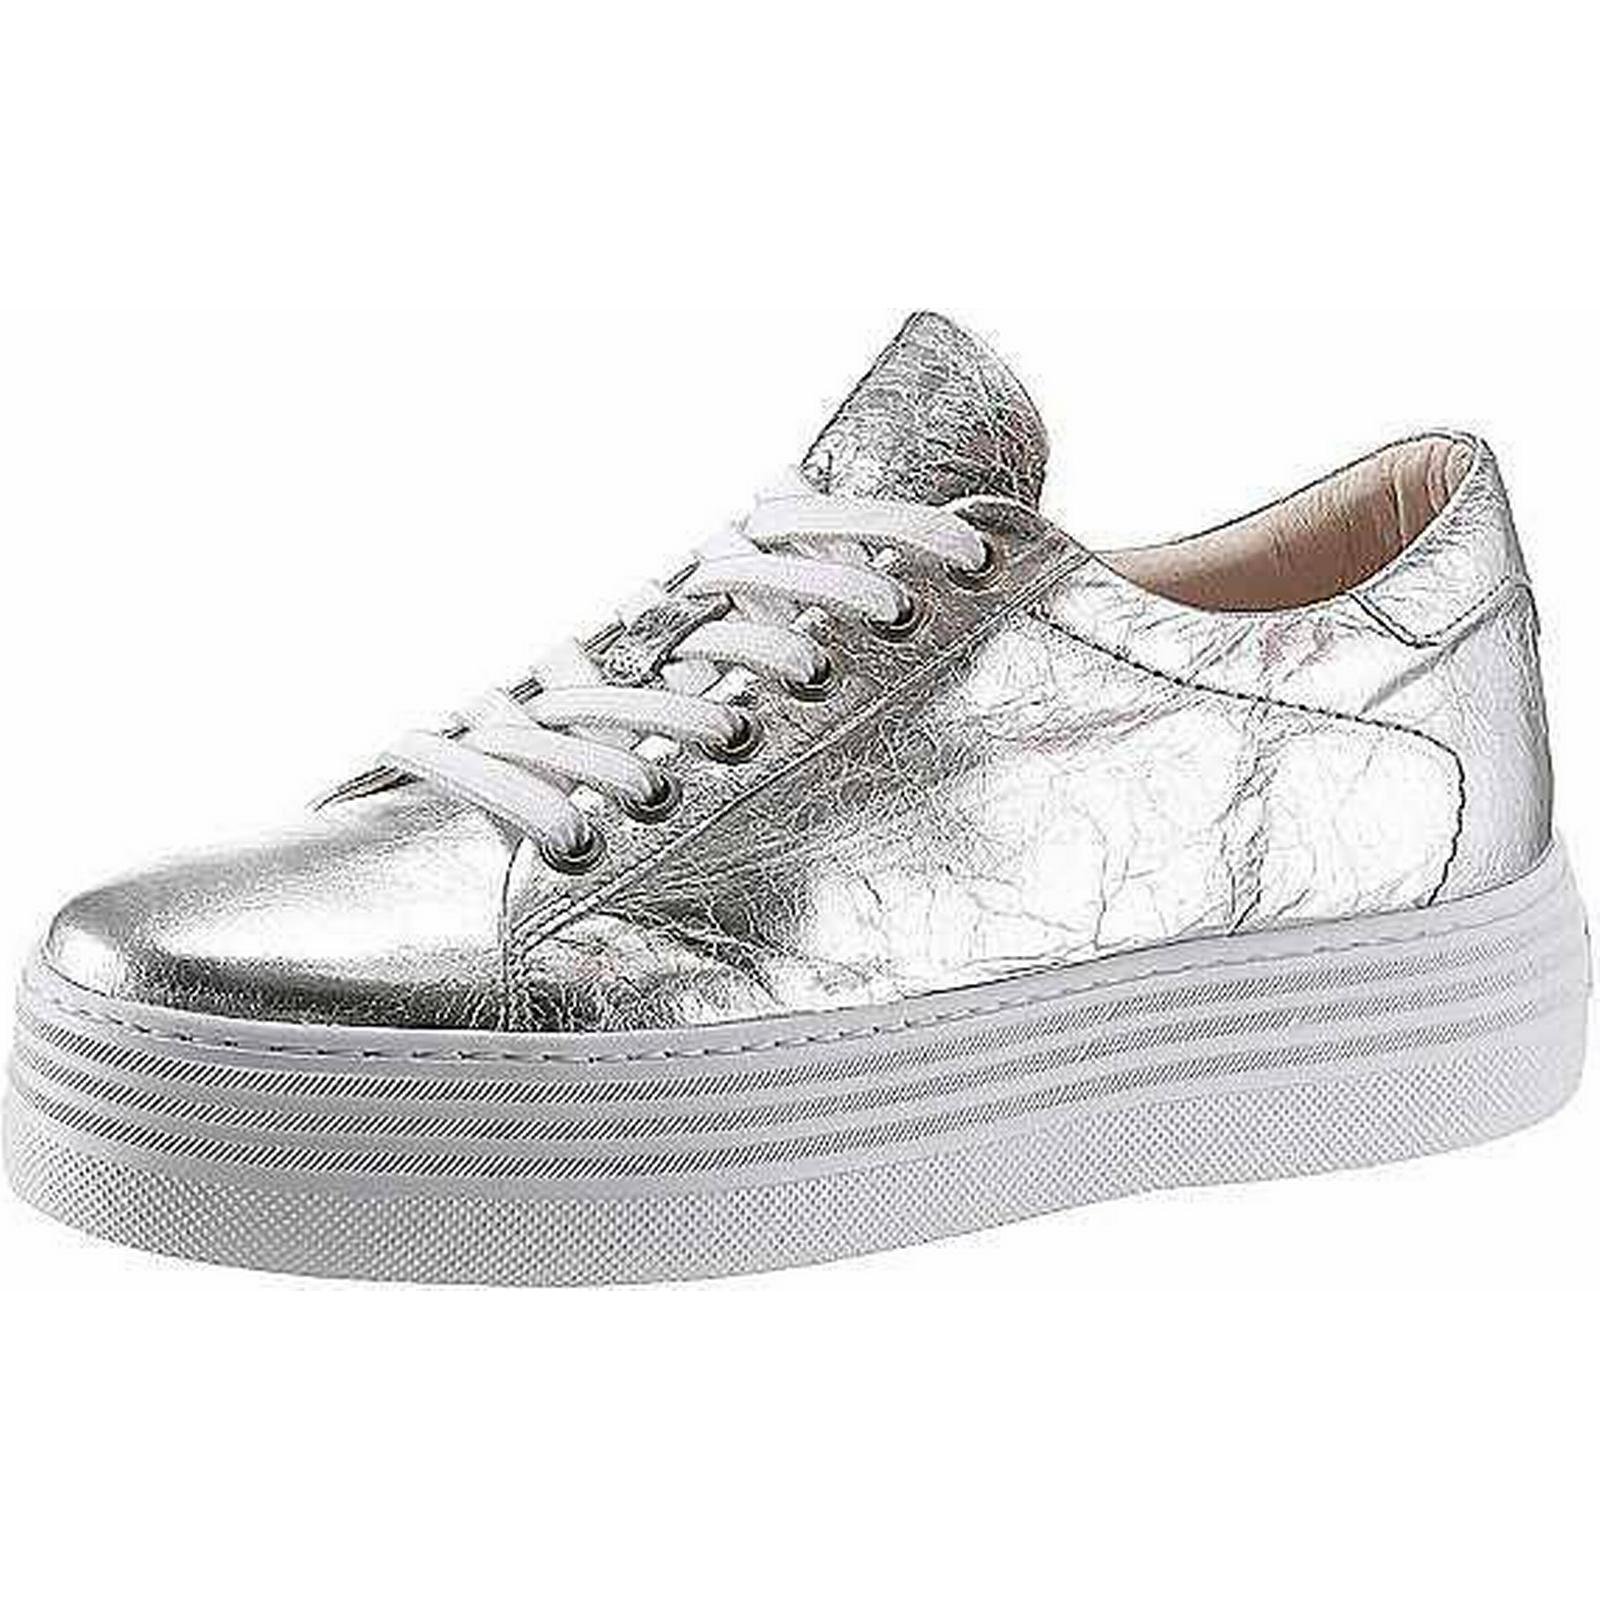 arizona métalliques souliers souliers souliers par arizona < homme / femme est < bonnes marchandises 71cc8a